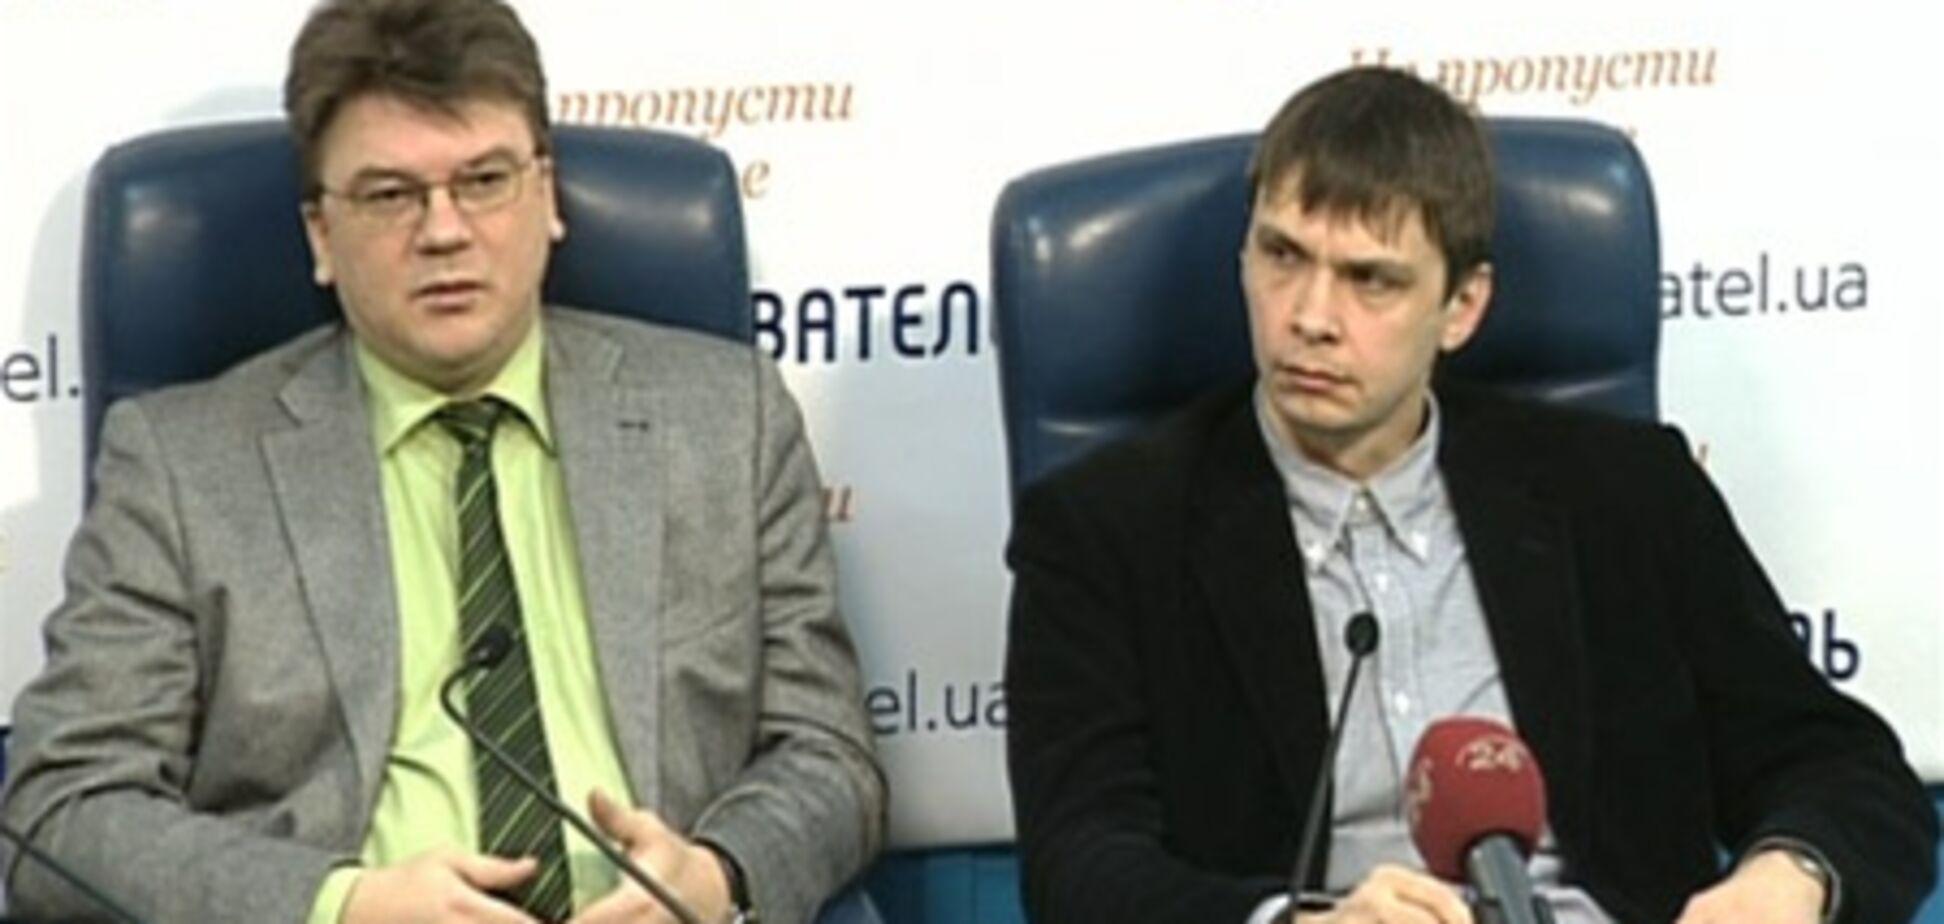 Чоловік Тимошенко піддався інстинкту самозбереження - політолог